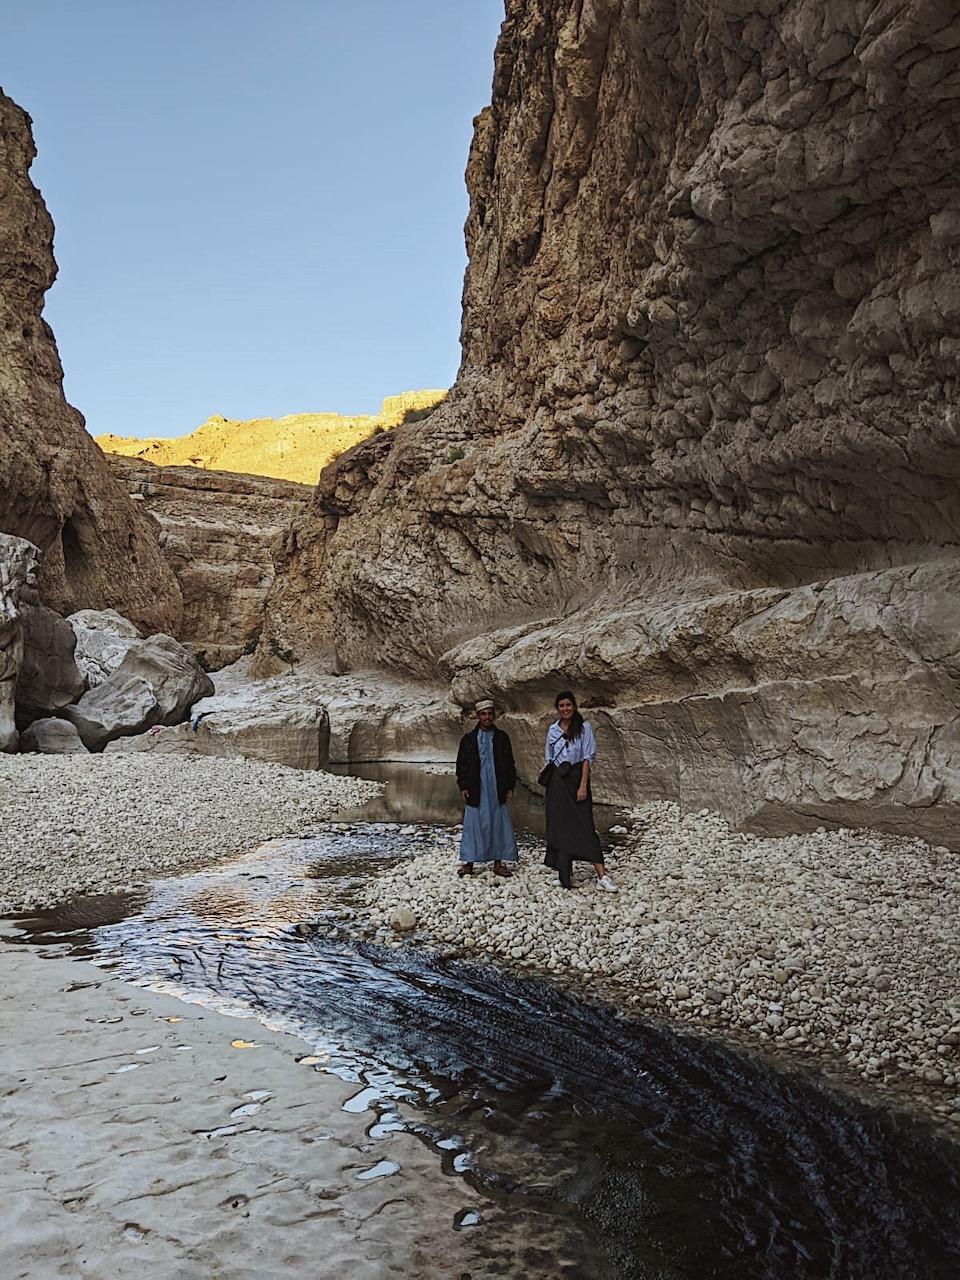 Met een gids naar Wadi Bani Khalid - de bezienswaardigheden en beste reisroute voor 9 dagen.